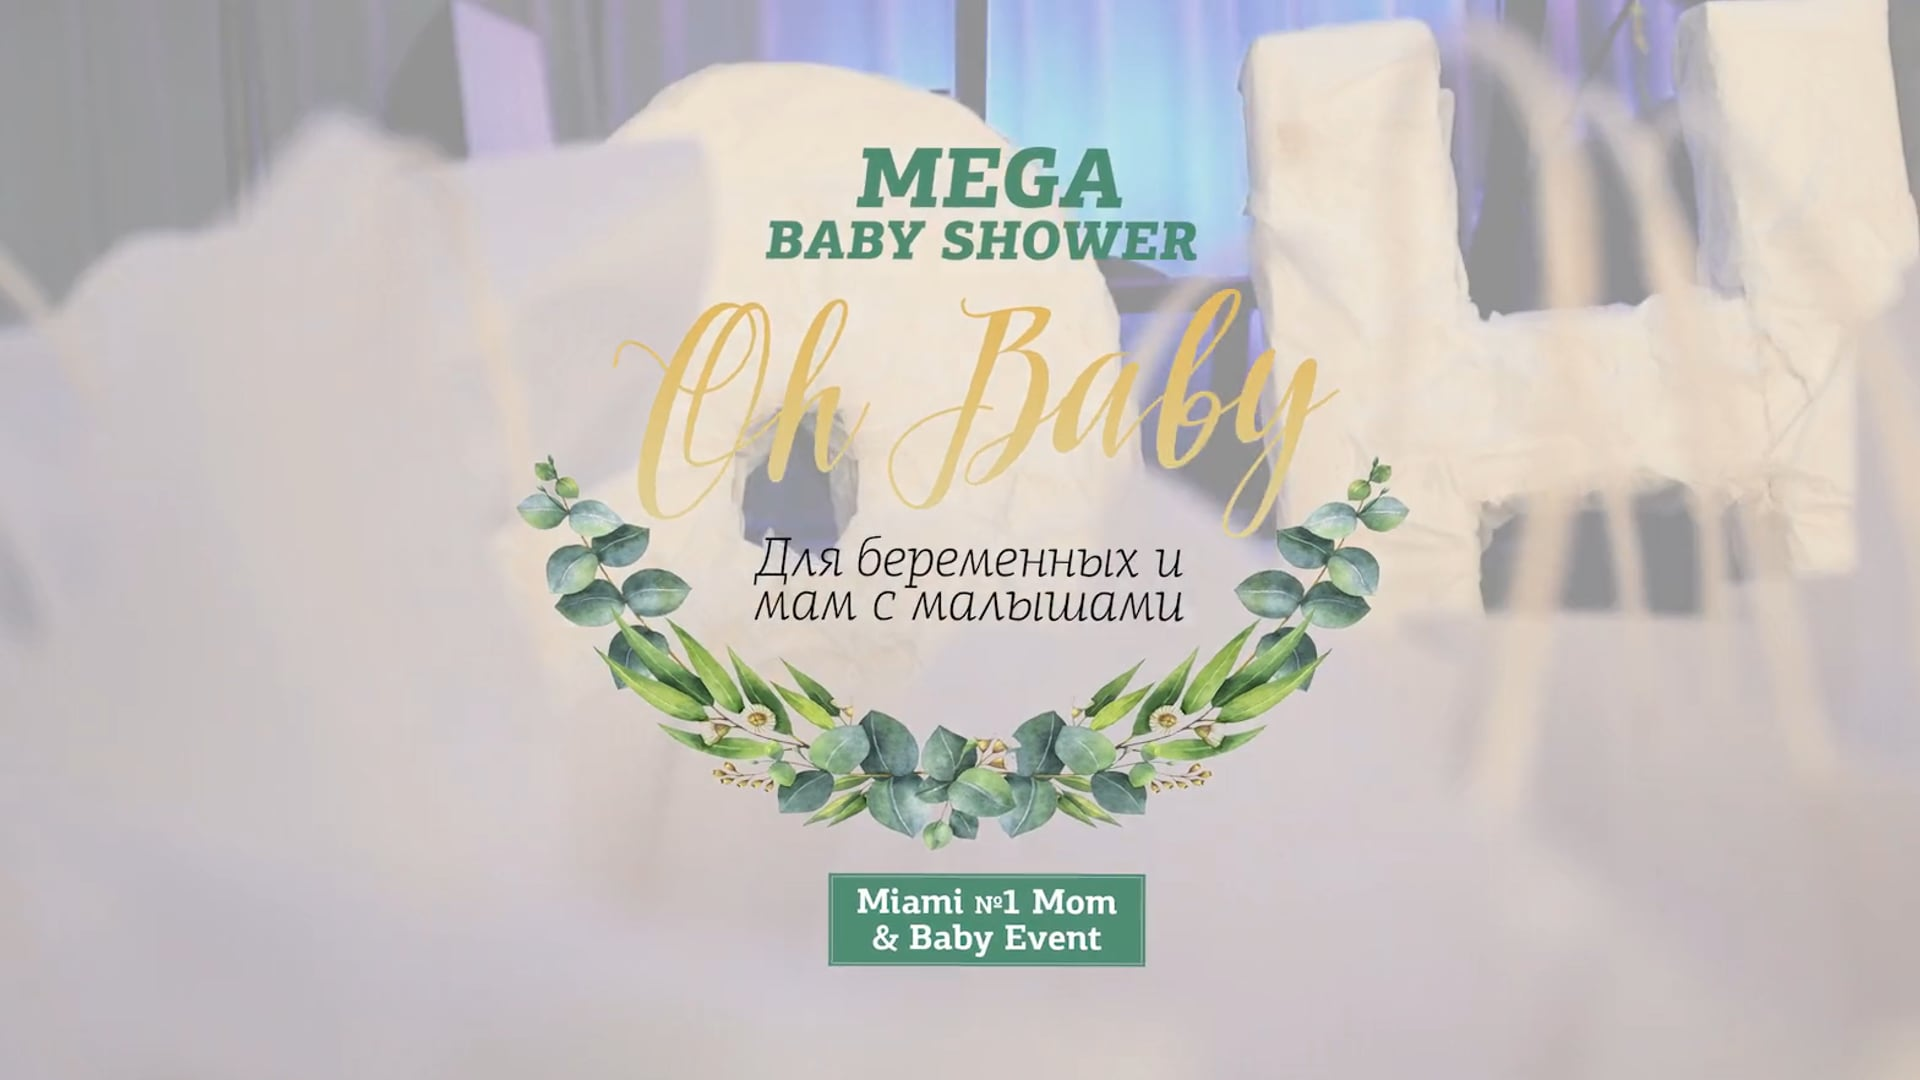 OhBaby Mega Baby Shower 2018 Miami